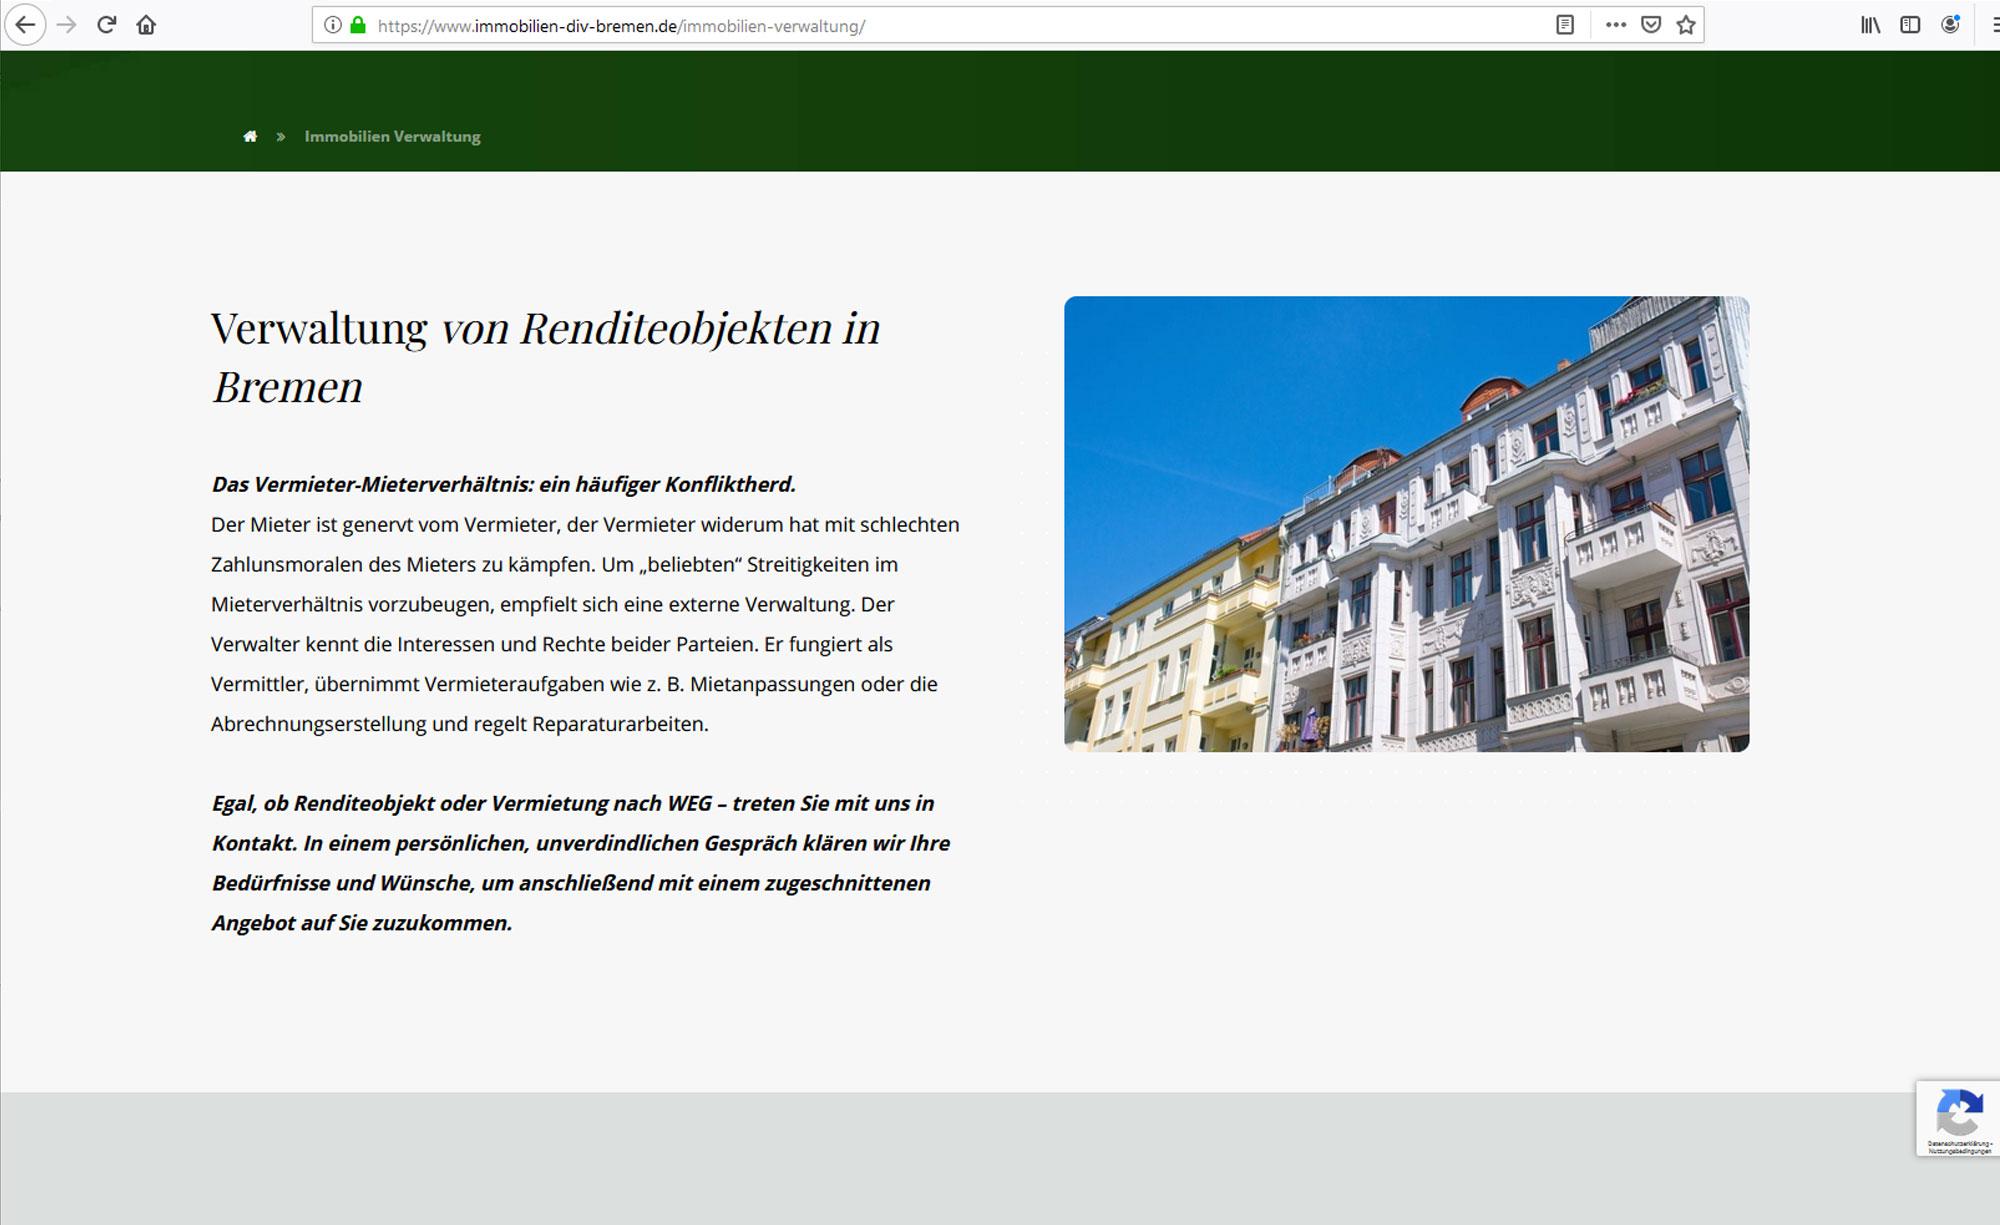 jung und billig werbeagentur depken 5 - Depken Immobilien & Verwaltung